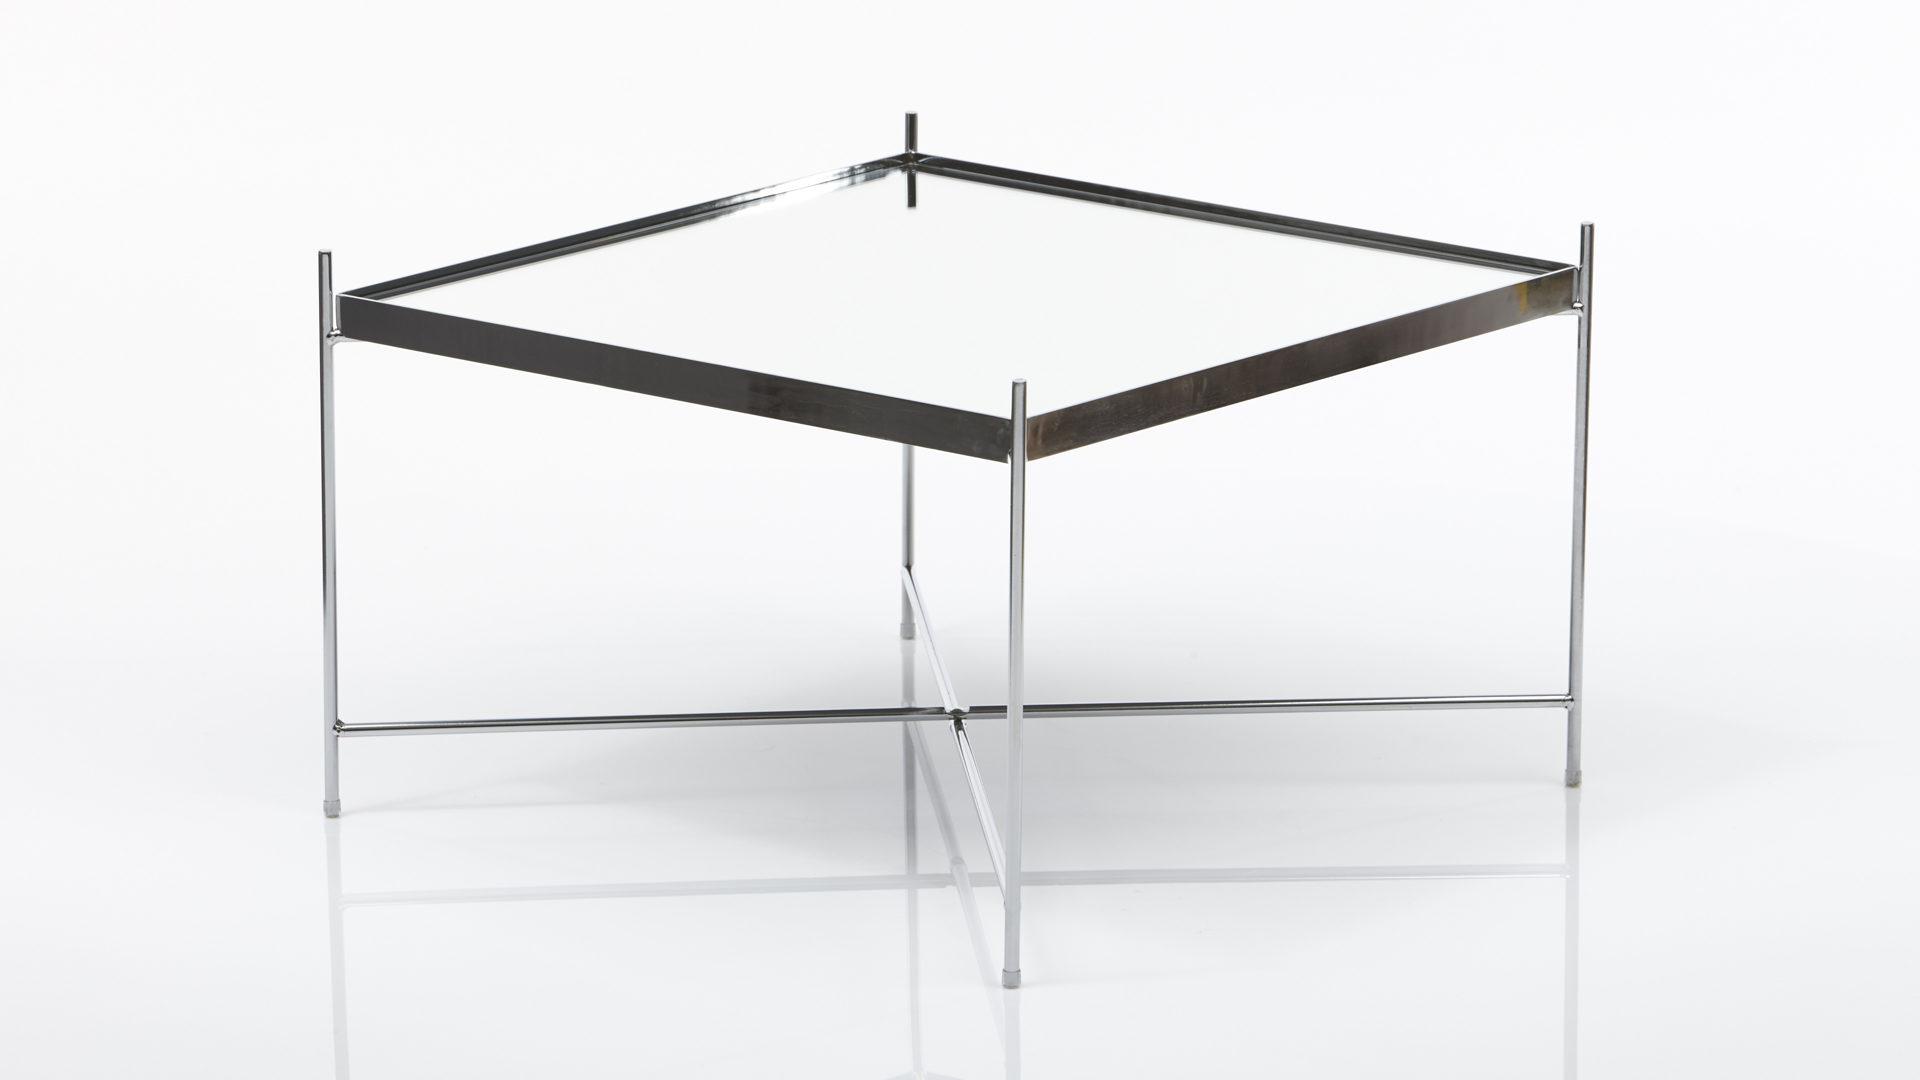 Beistelltisch Concept Aus Glas In Transparent Als Stilvoller Wohnzimmertisch Klarglas Chrom Ca